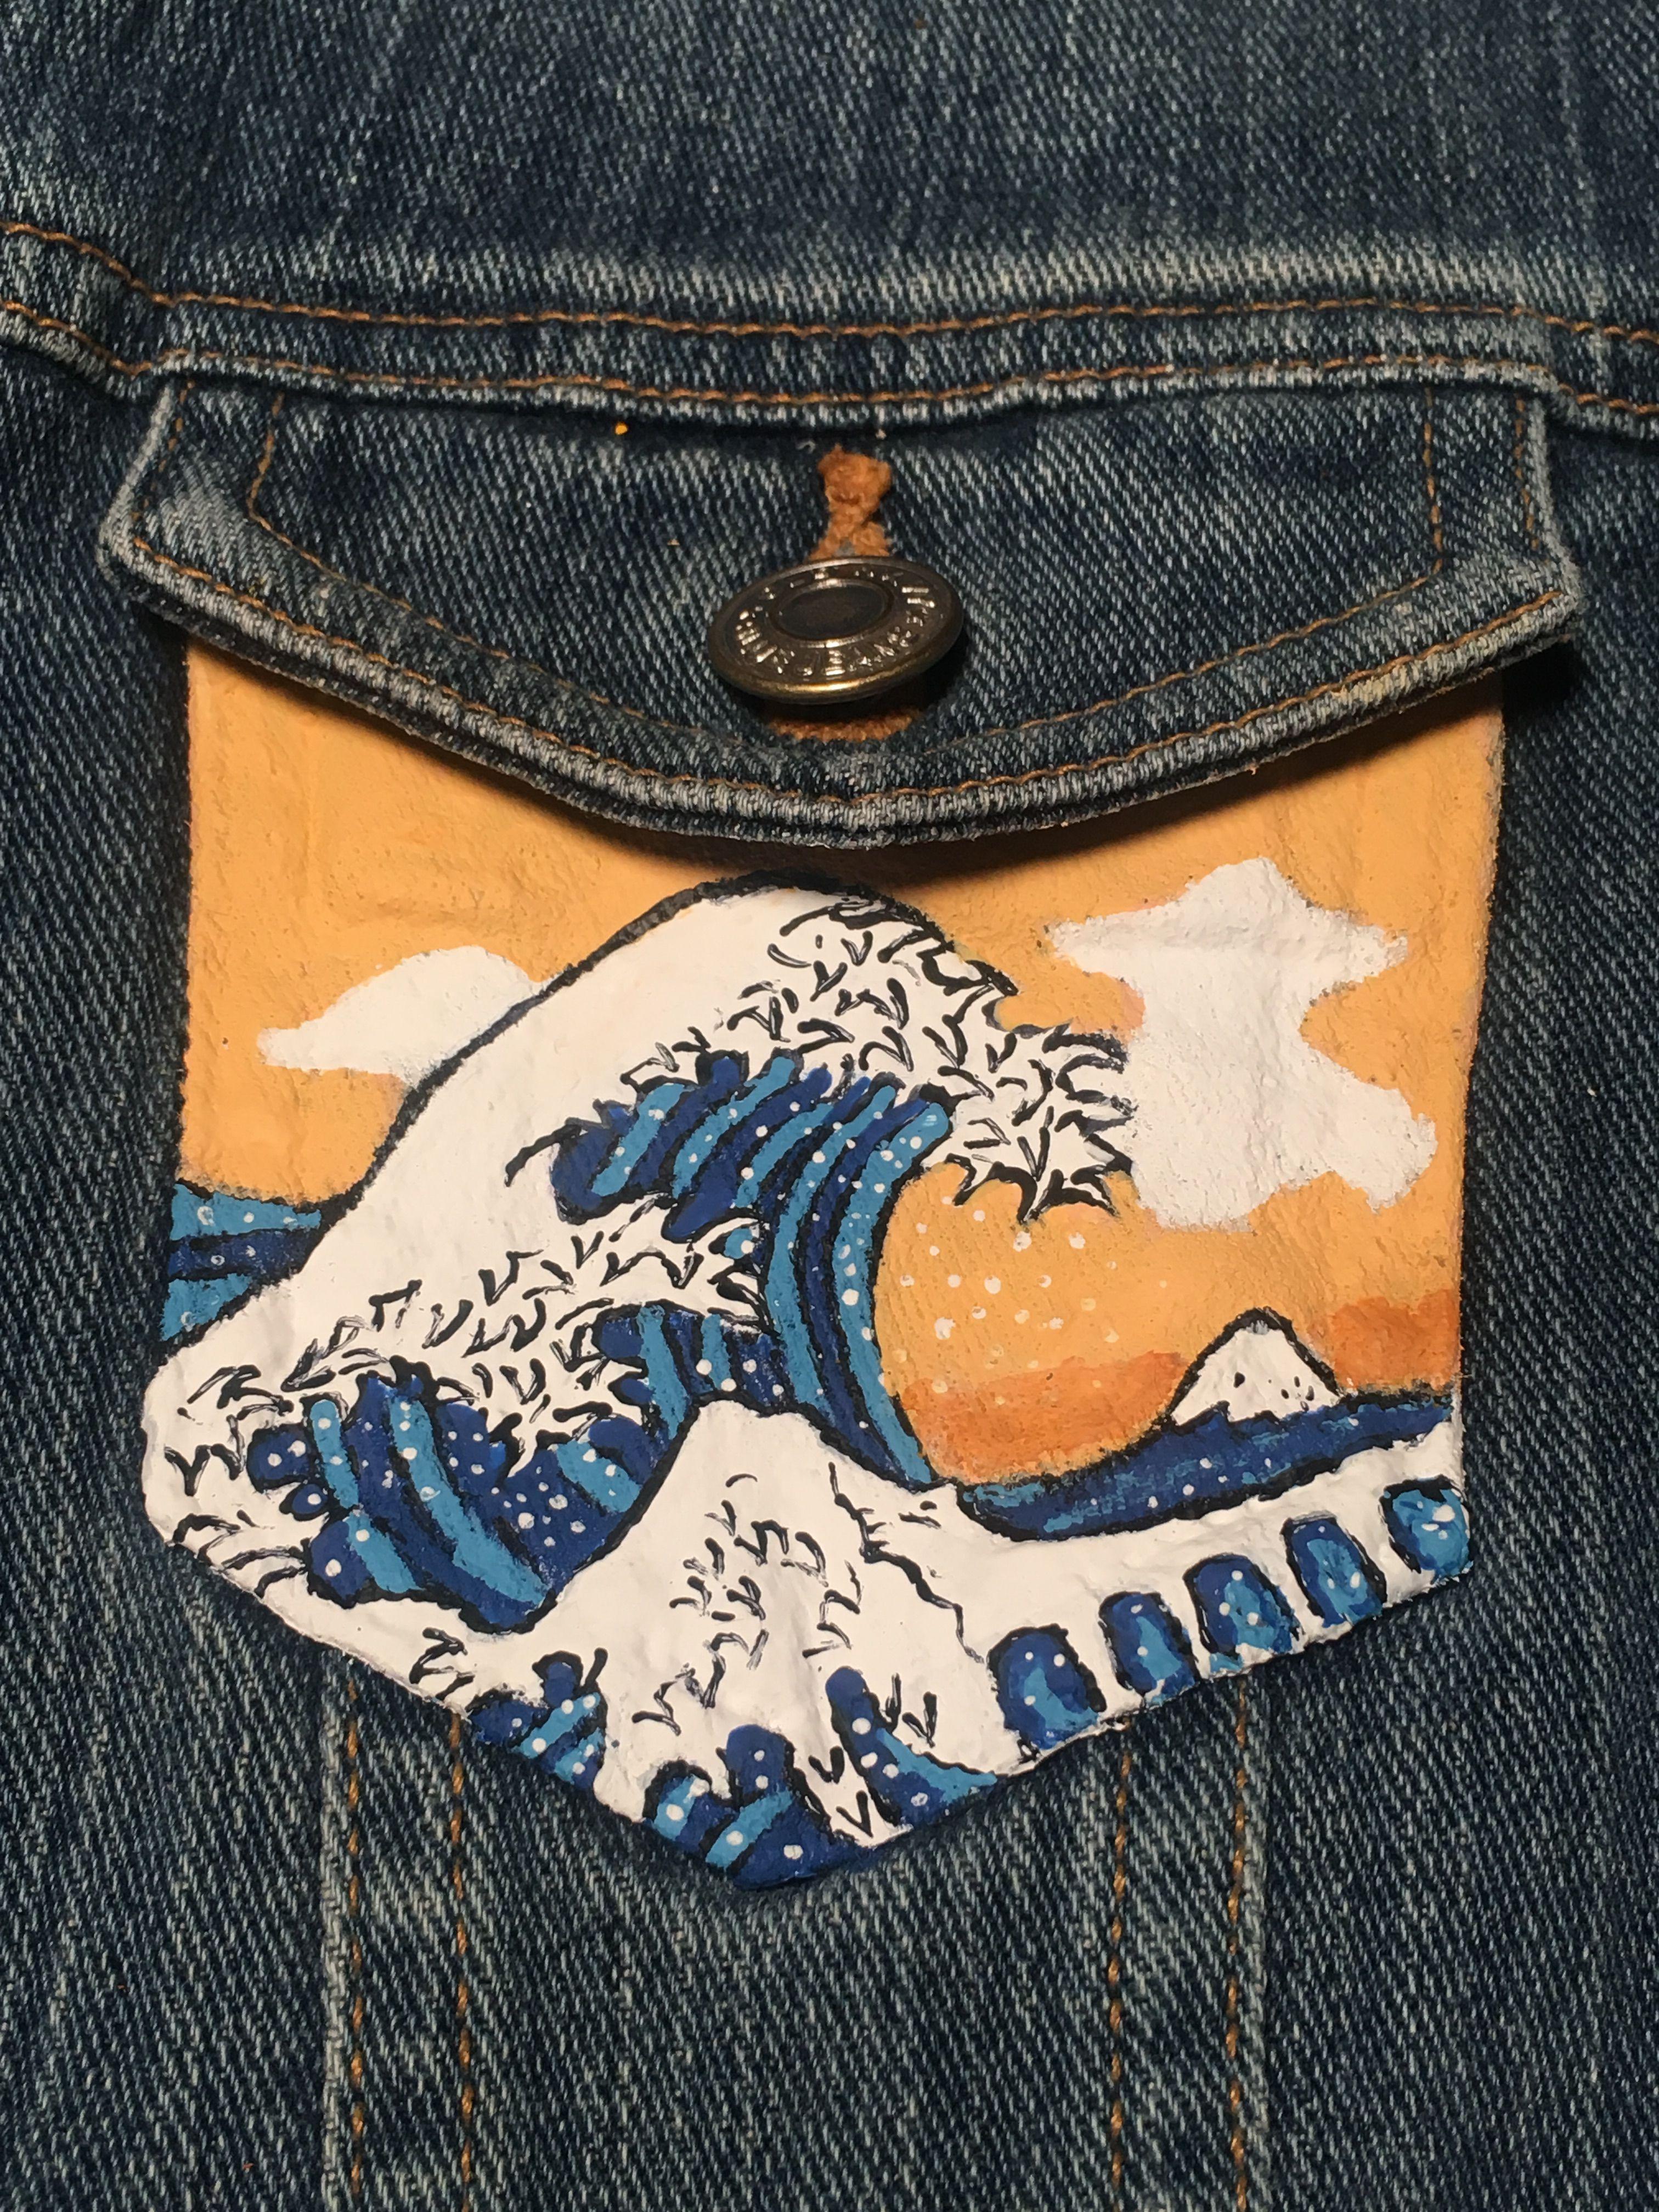 25281cba035 HONEYSWEETKISS Painted Denim Jacket